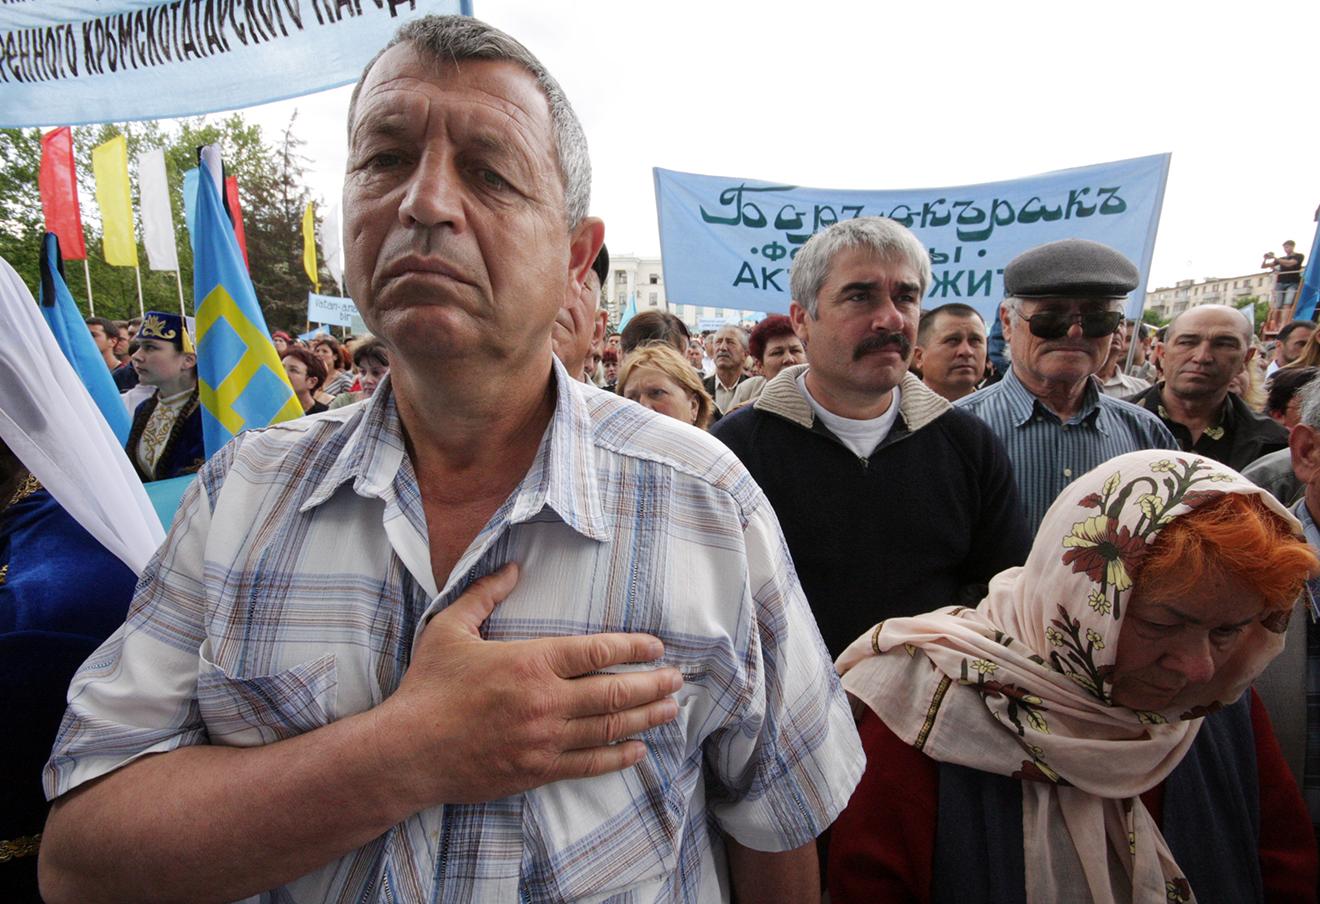 Участник митинга, посвященного 66-й годовщине депортации крымских татар, на площади Ленина в Симферополе.